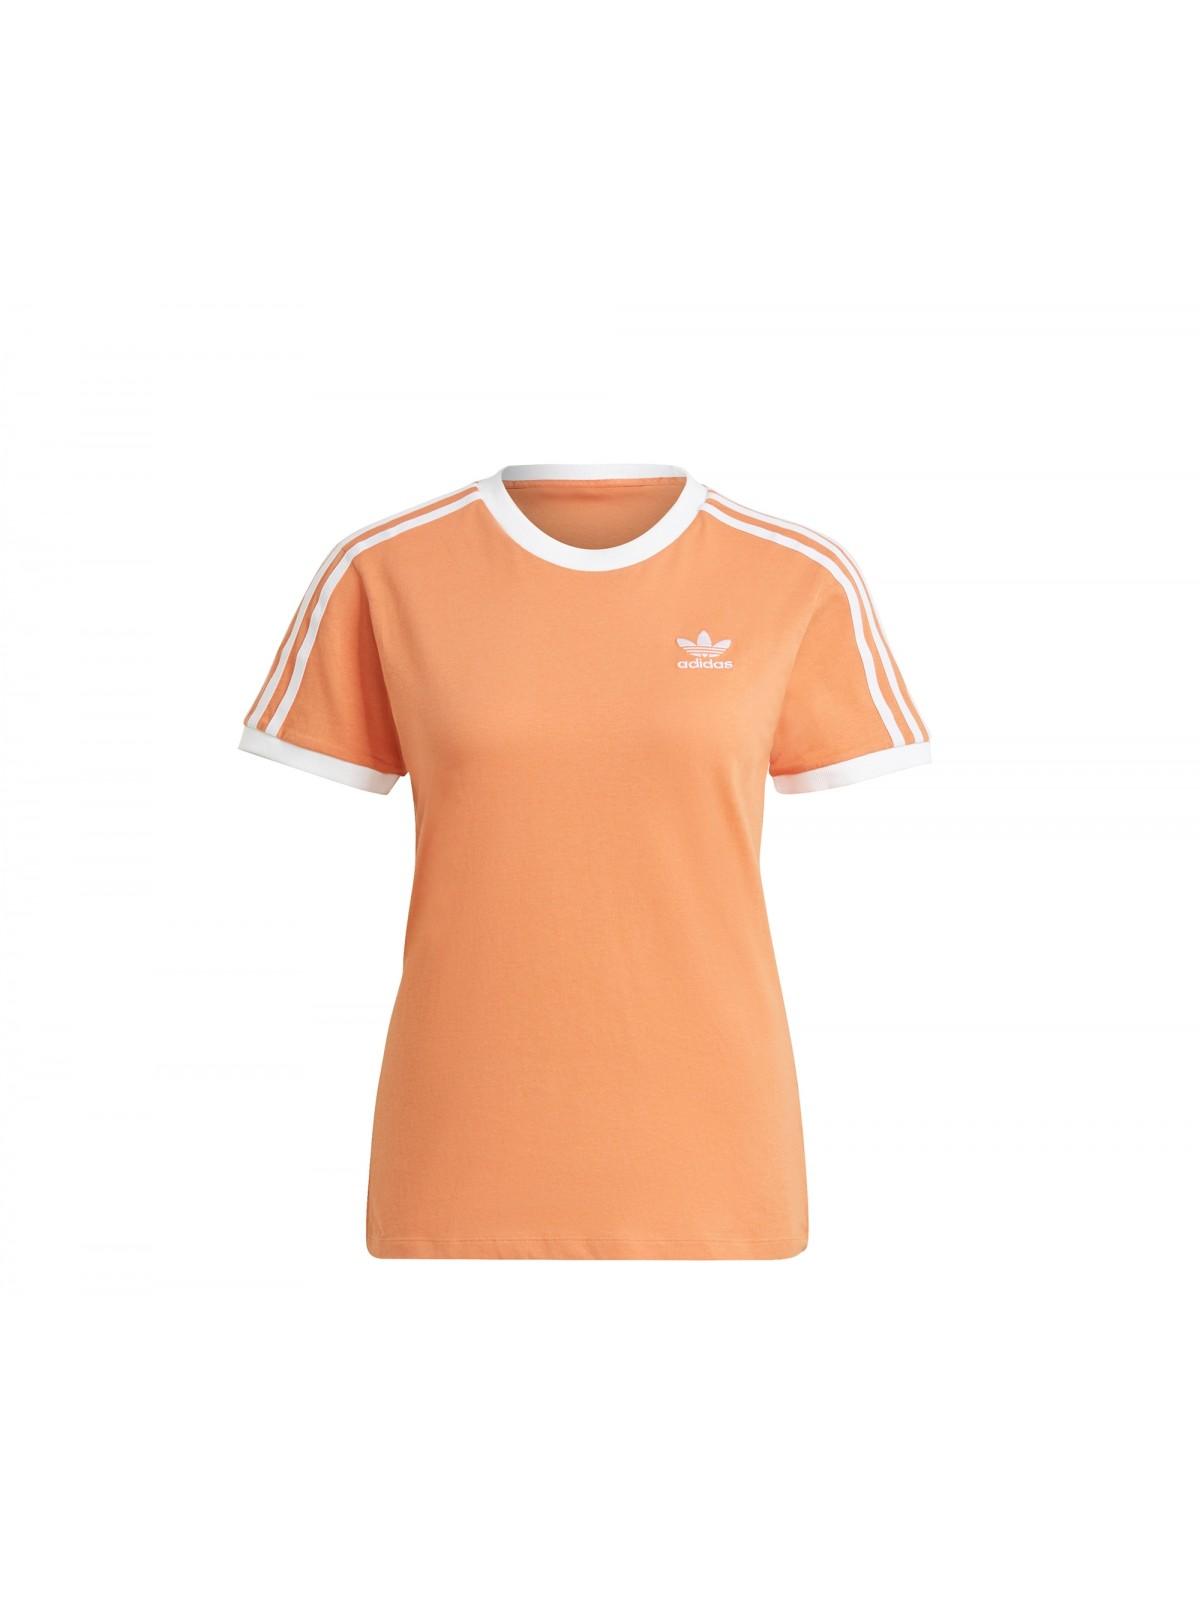 ADIDAS GN2916 Tee- Shirt mandarin